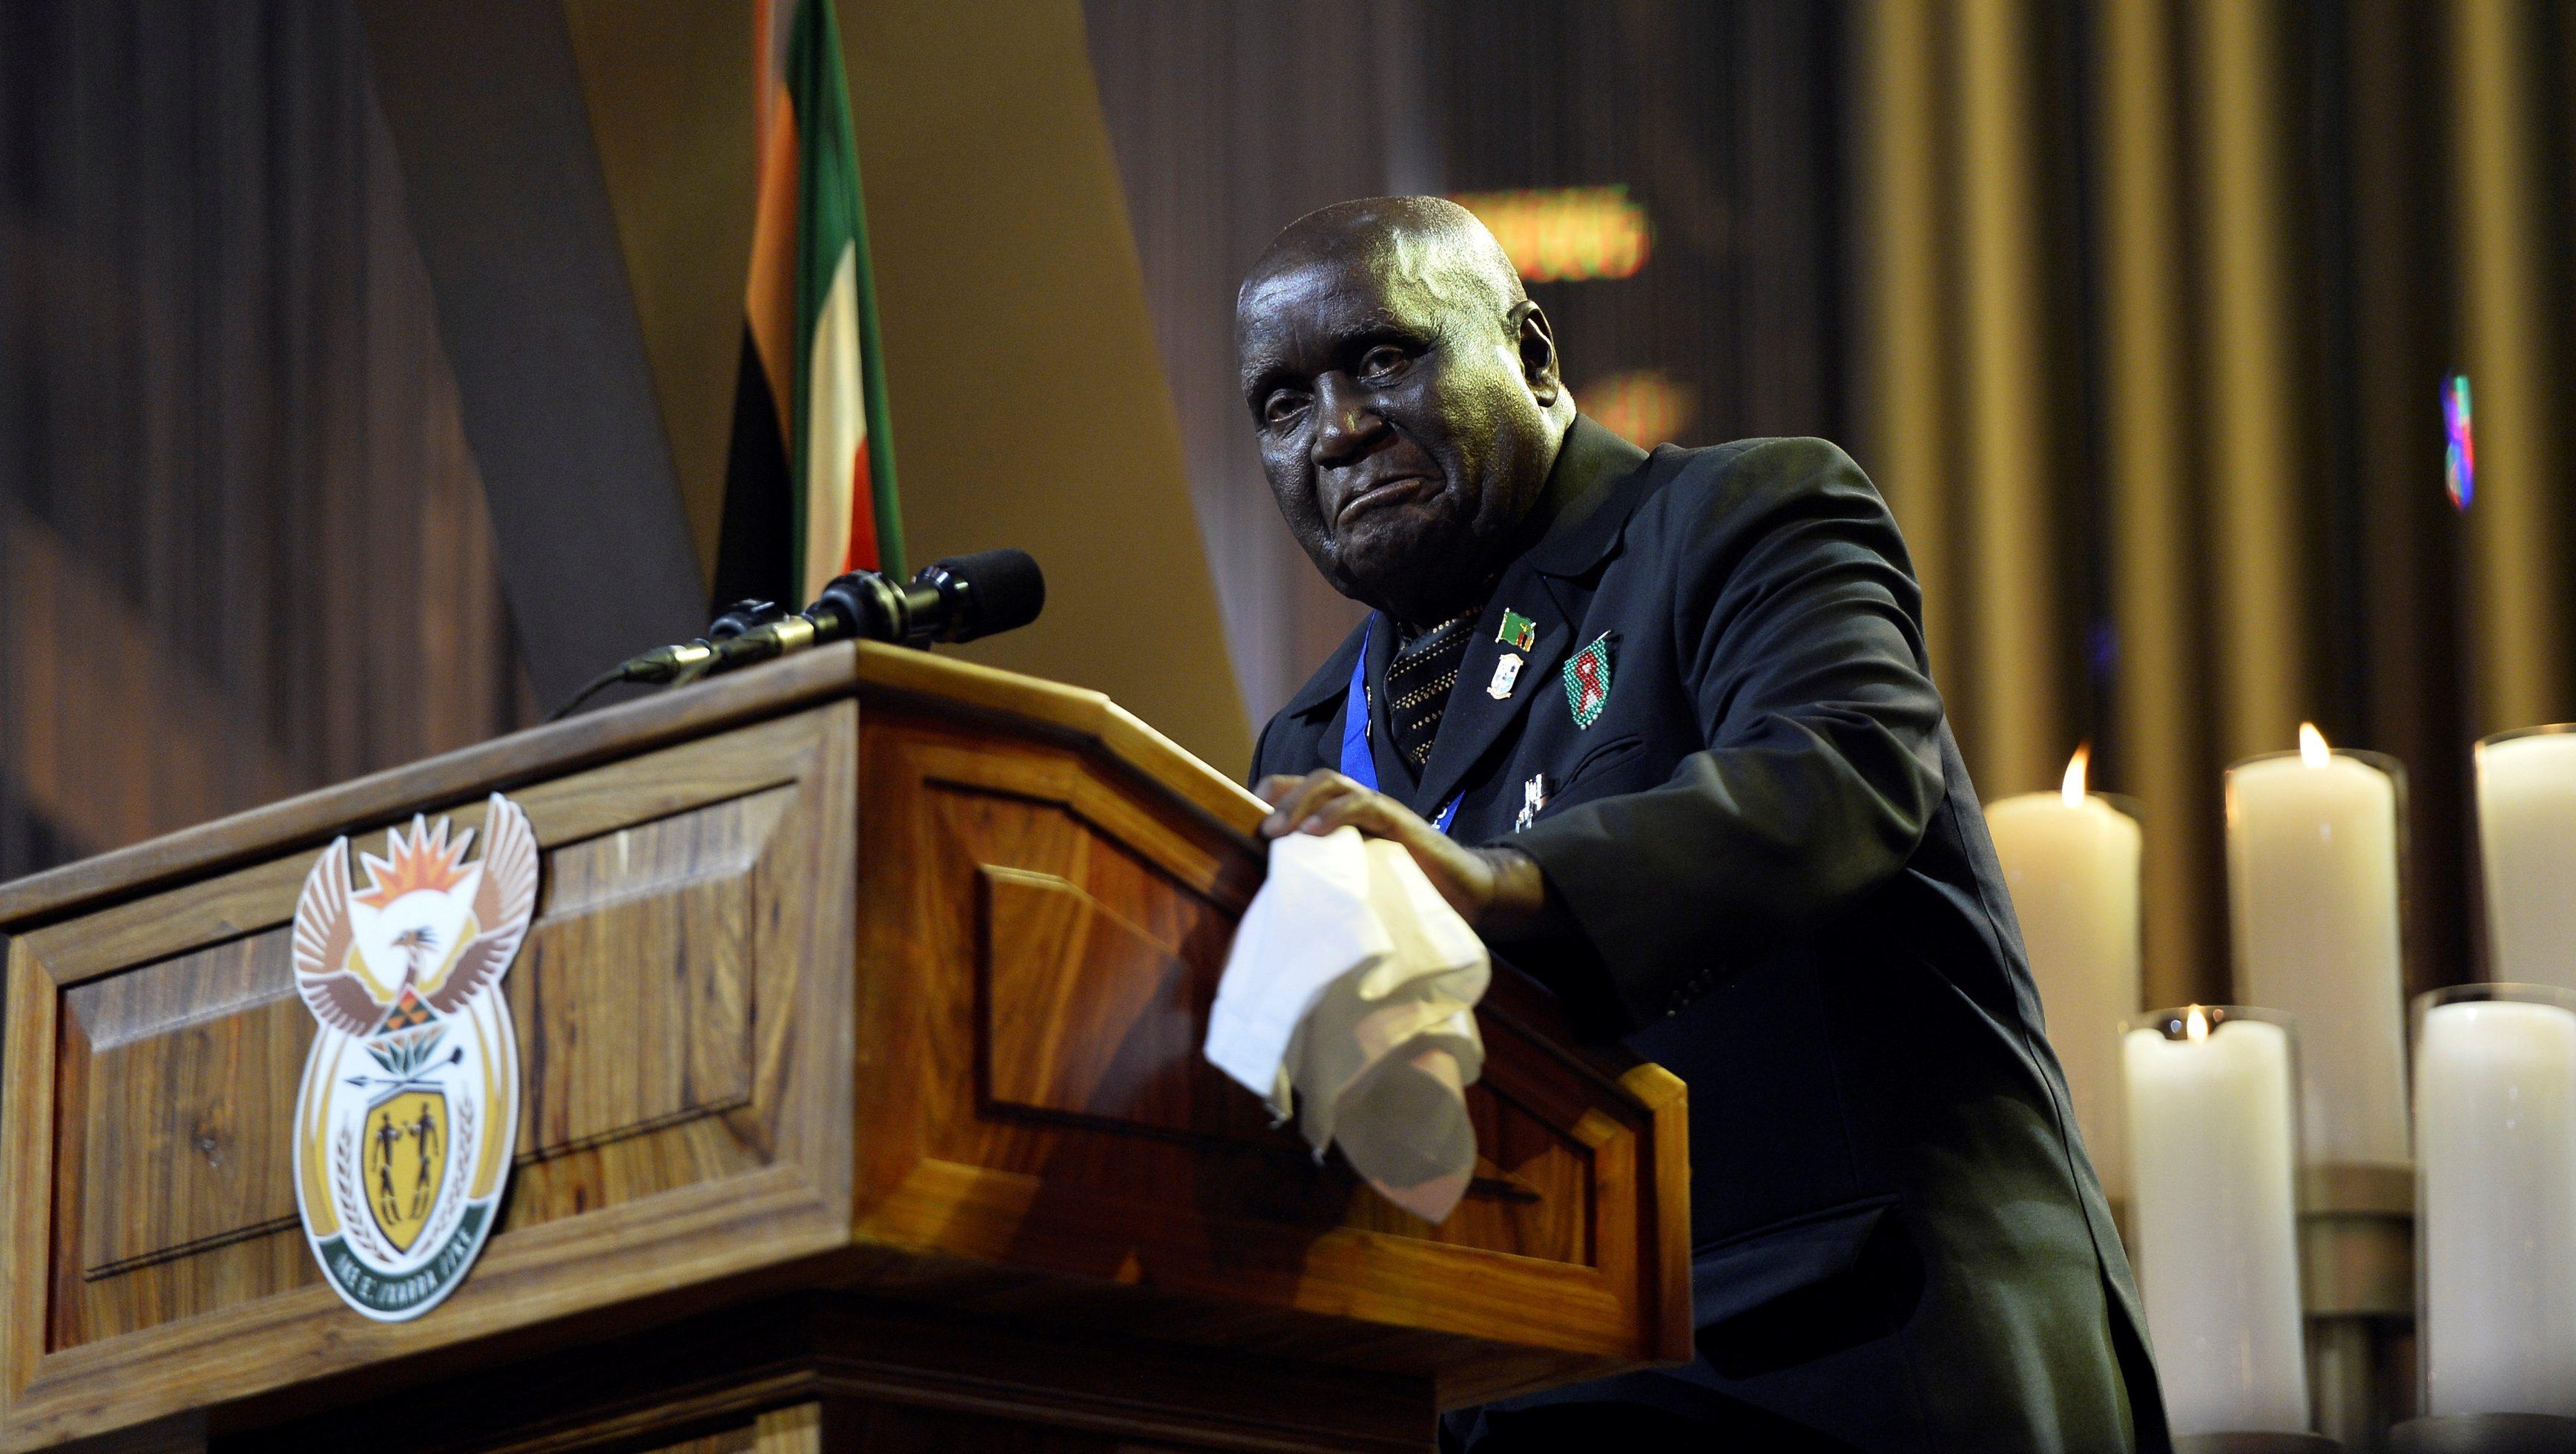 Former Zambian president Kenneth Kaunda speaks at Nelson Mandela's funeral in 2013.